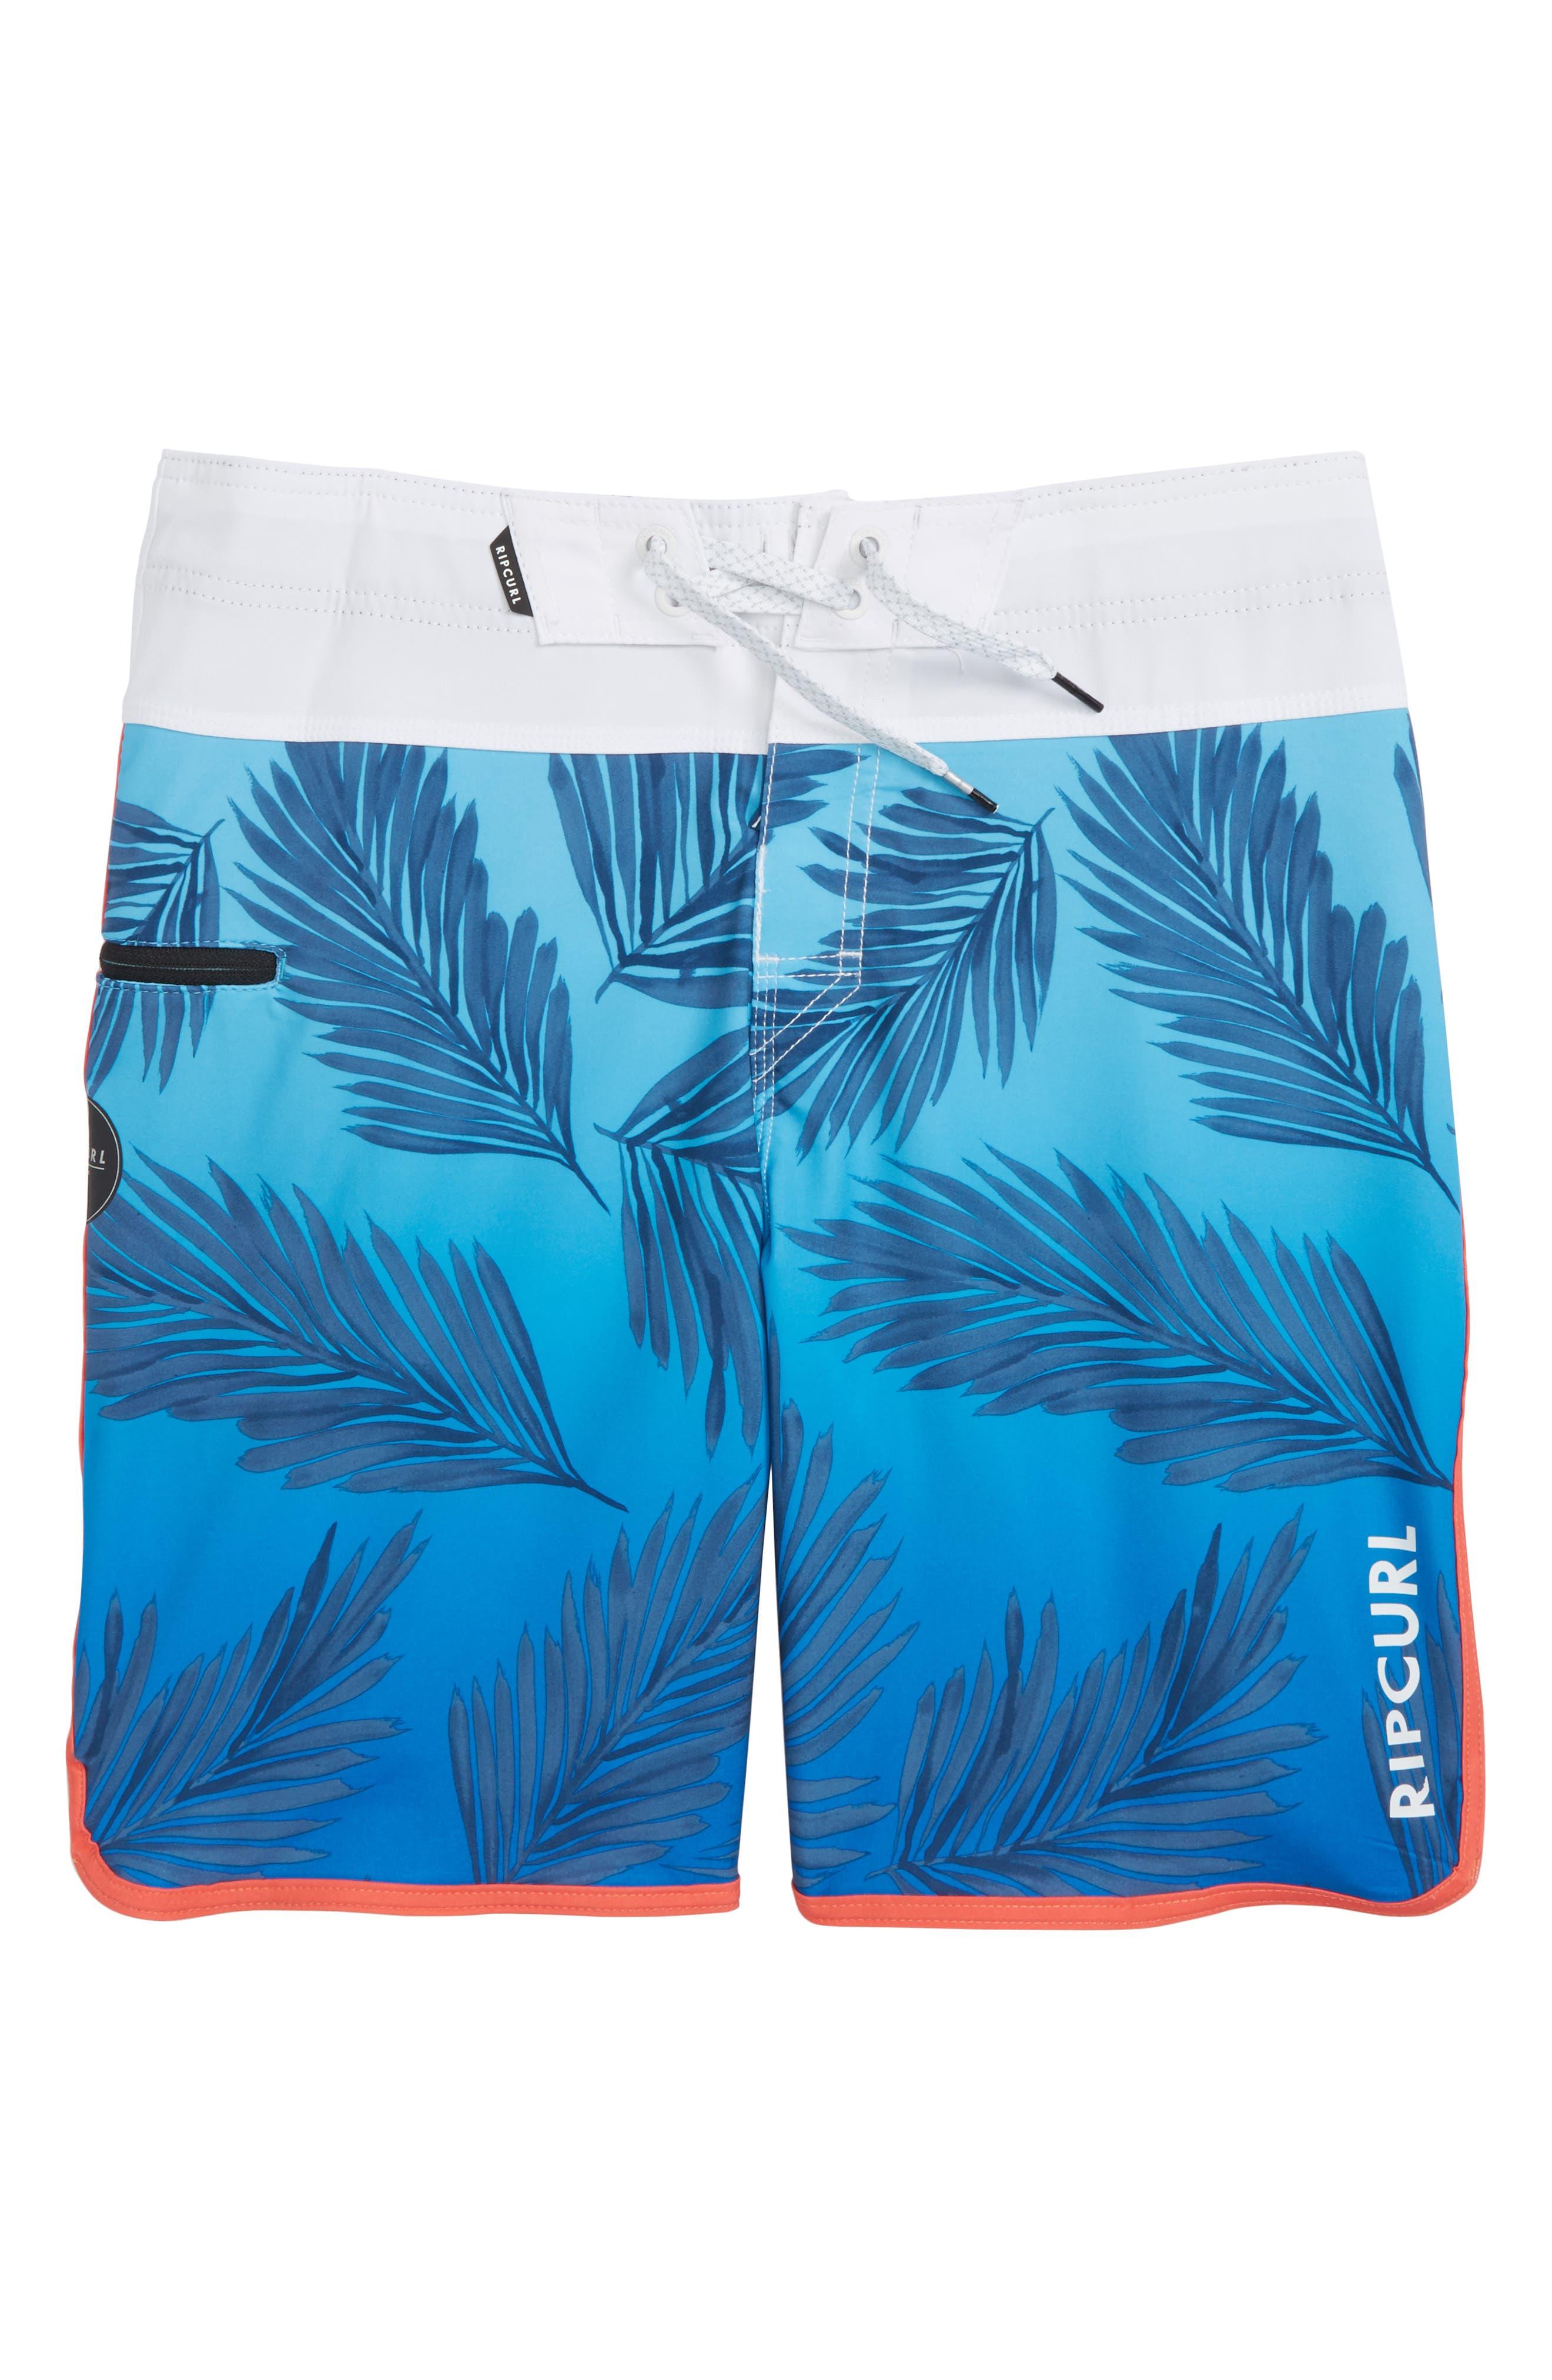 Mirage Mason Rockies Board Shorts,                         Main,                         color, 400